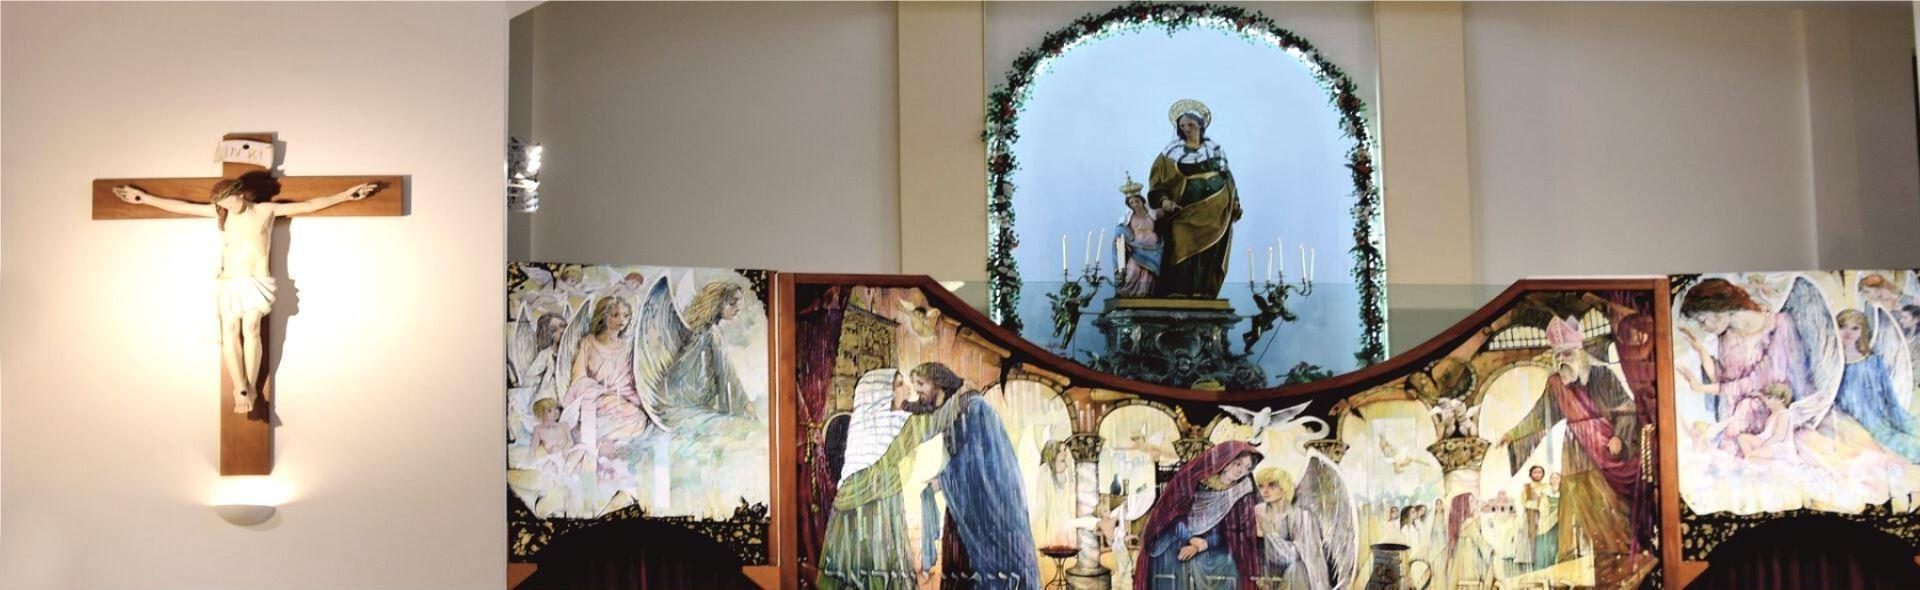 Benignissima Sant'Anna Patrona di Caserta